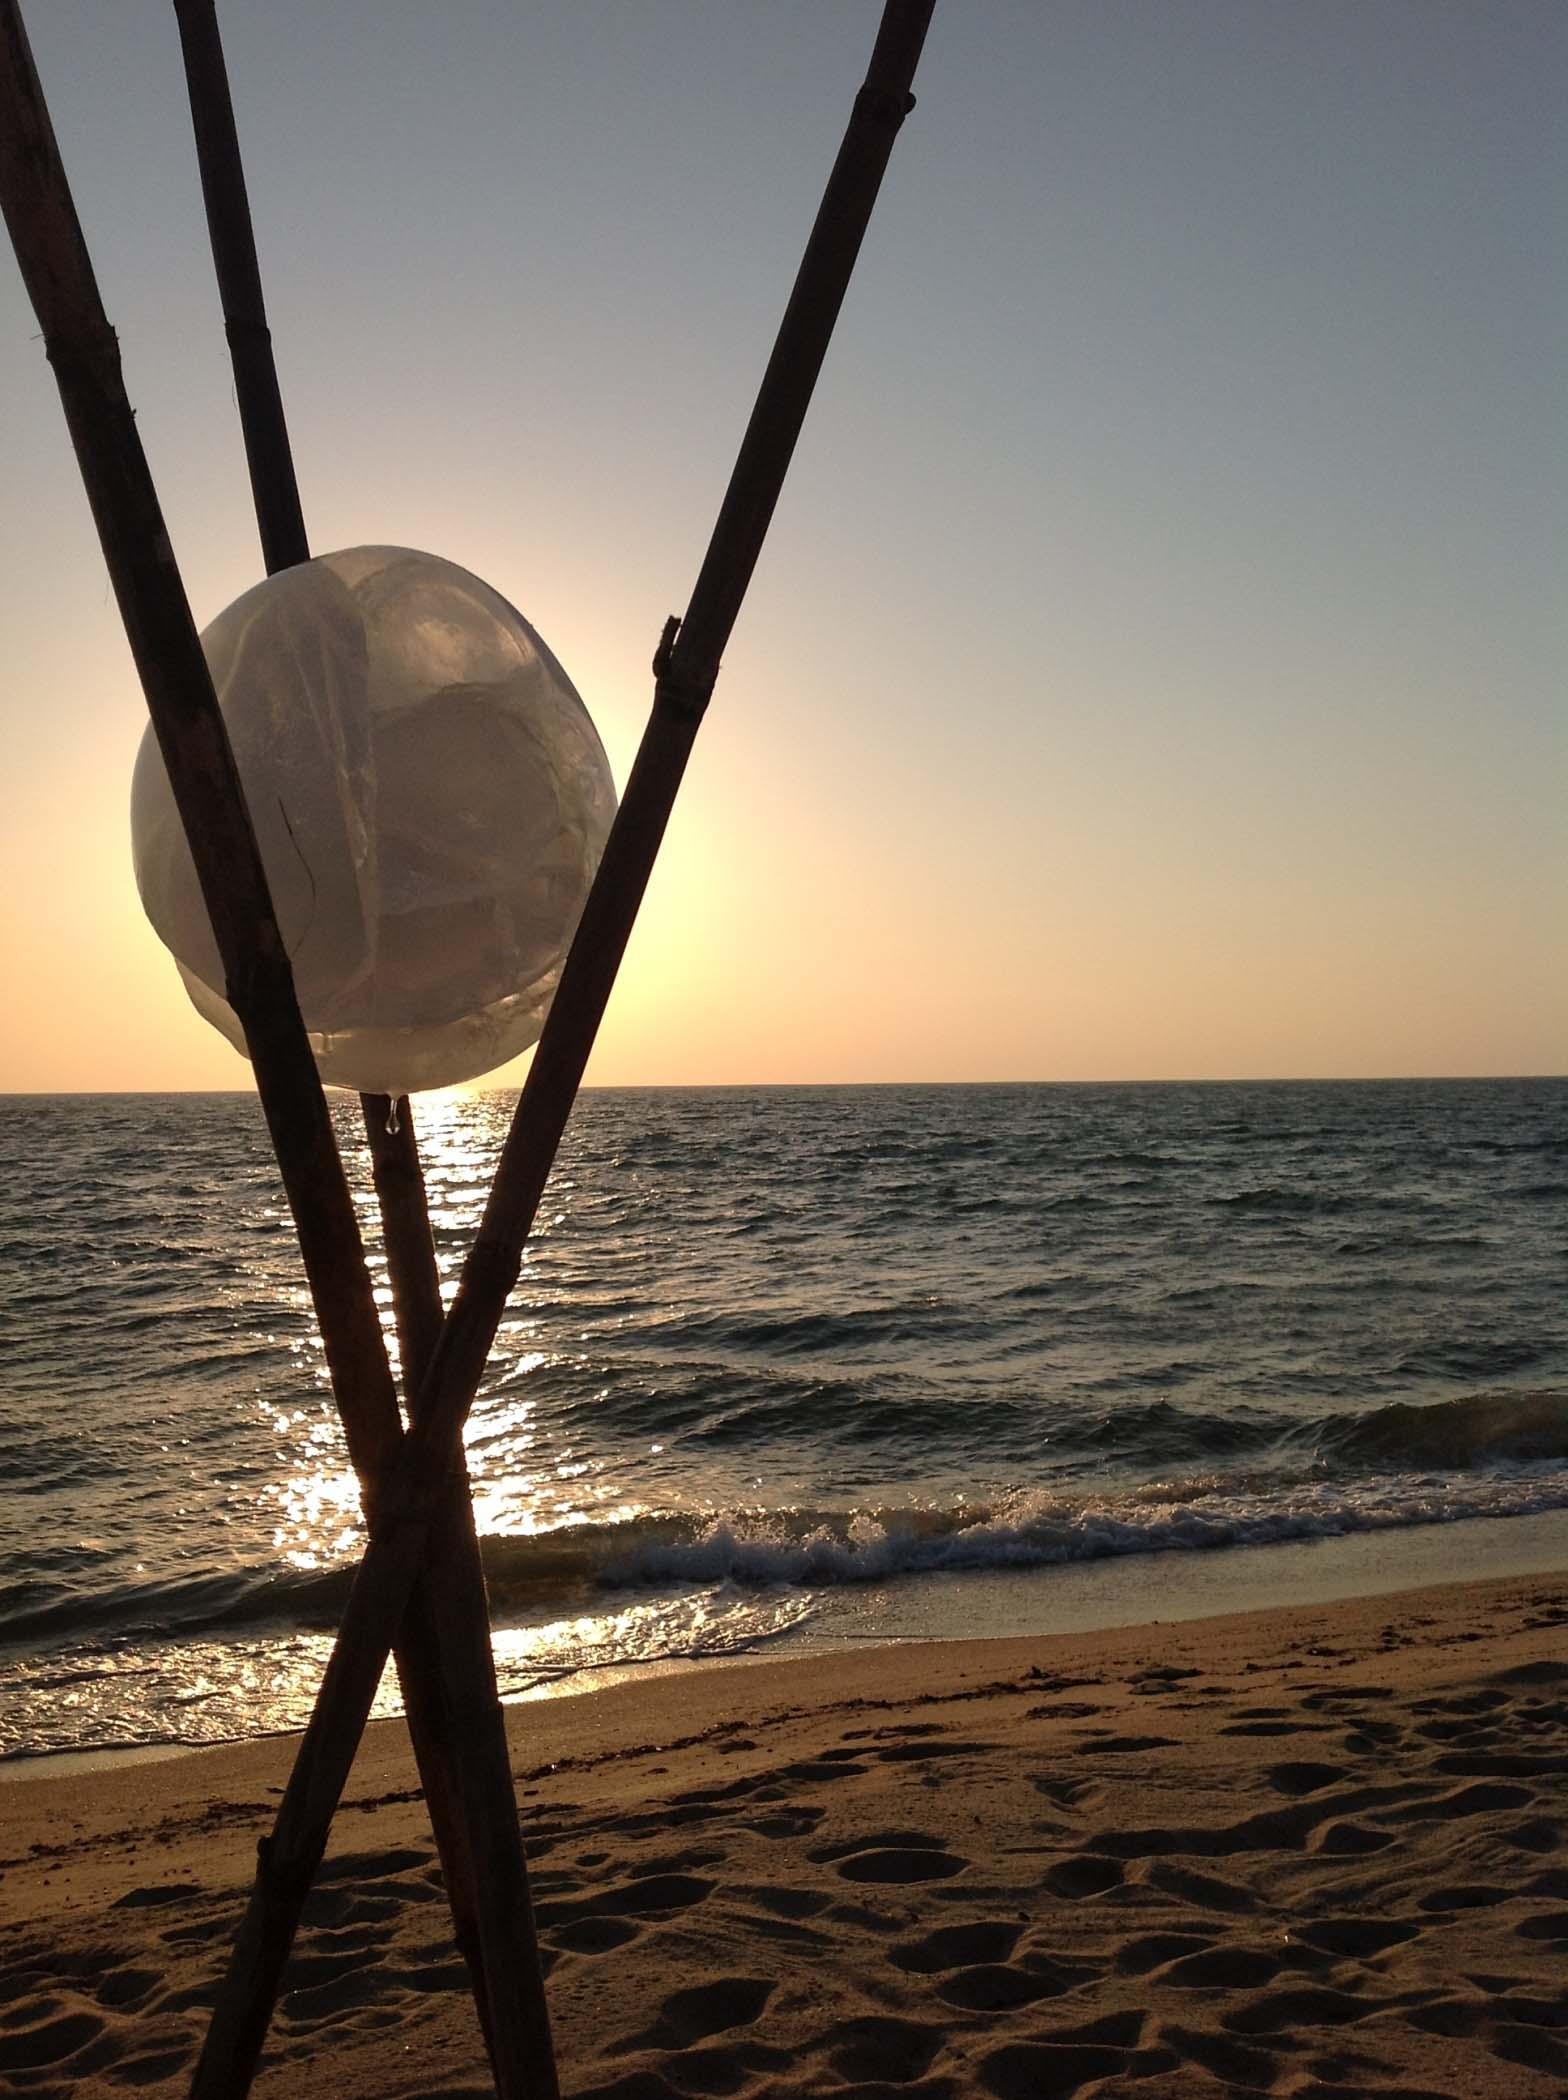 Bien connu Quando un'opera d'arte dura il tempo di un tramonto, sul mare  ID26